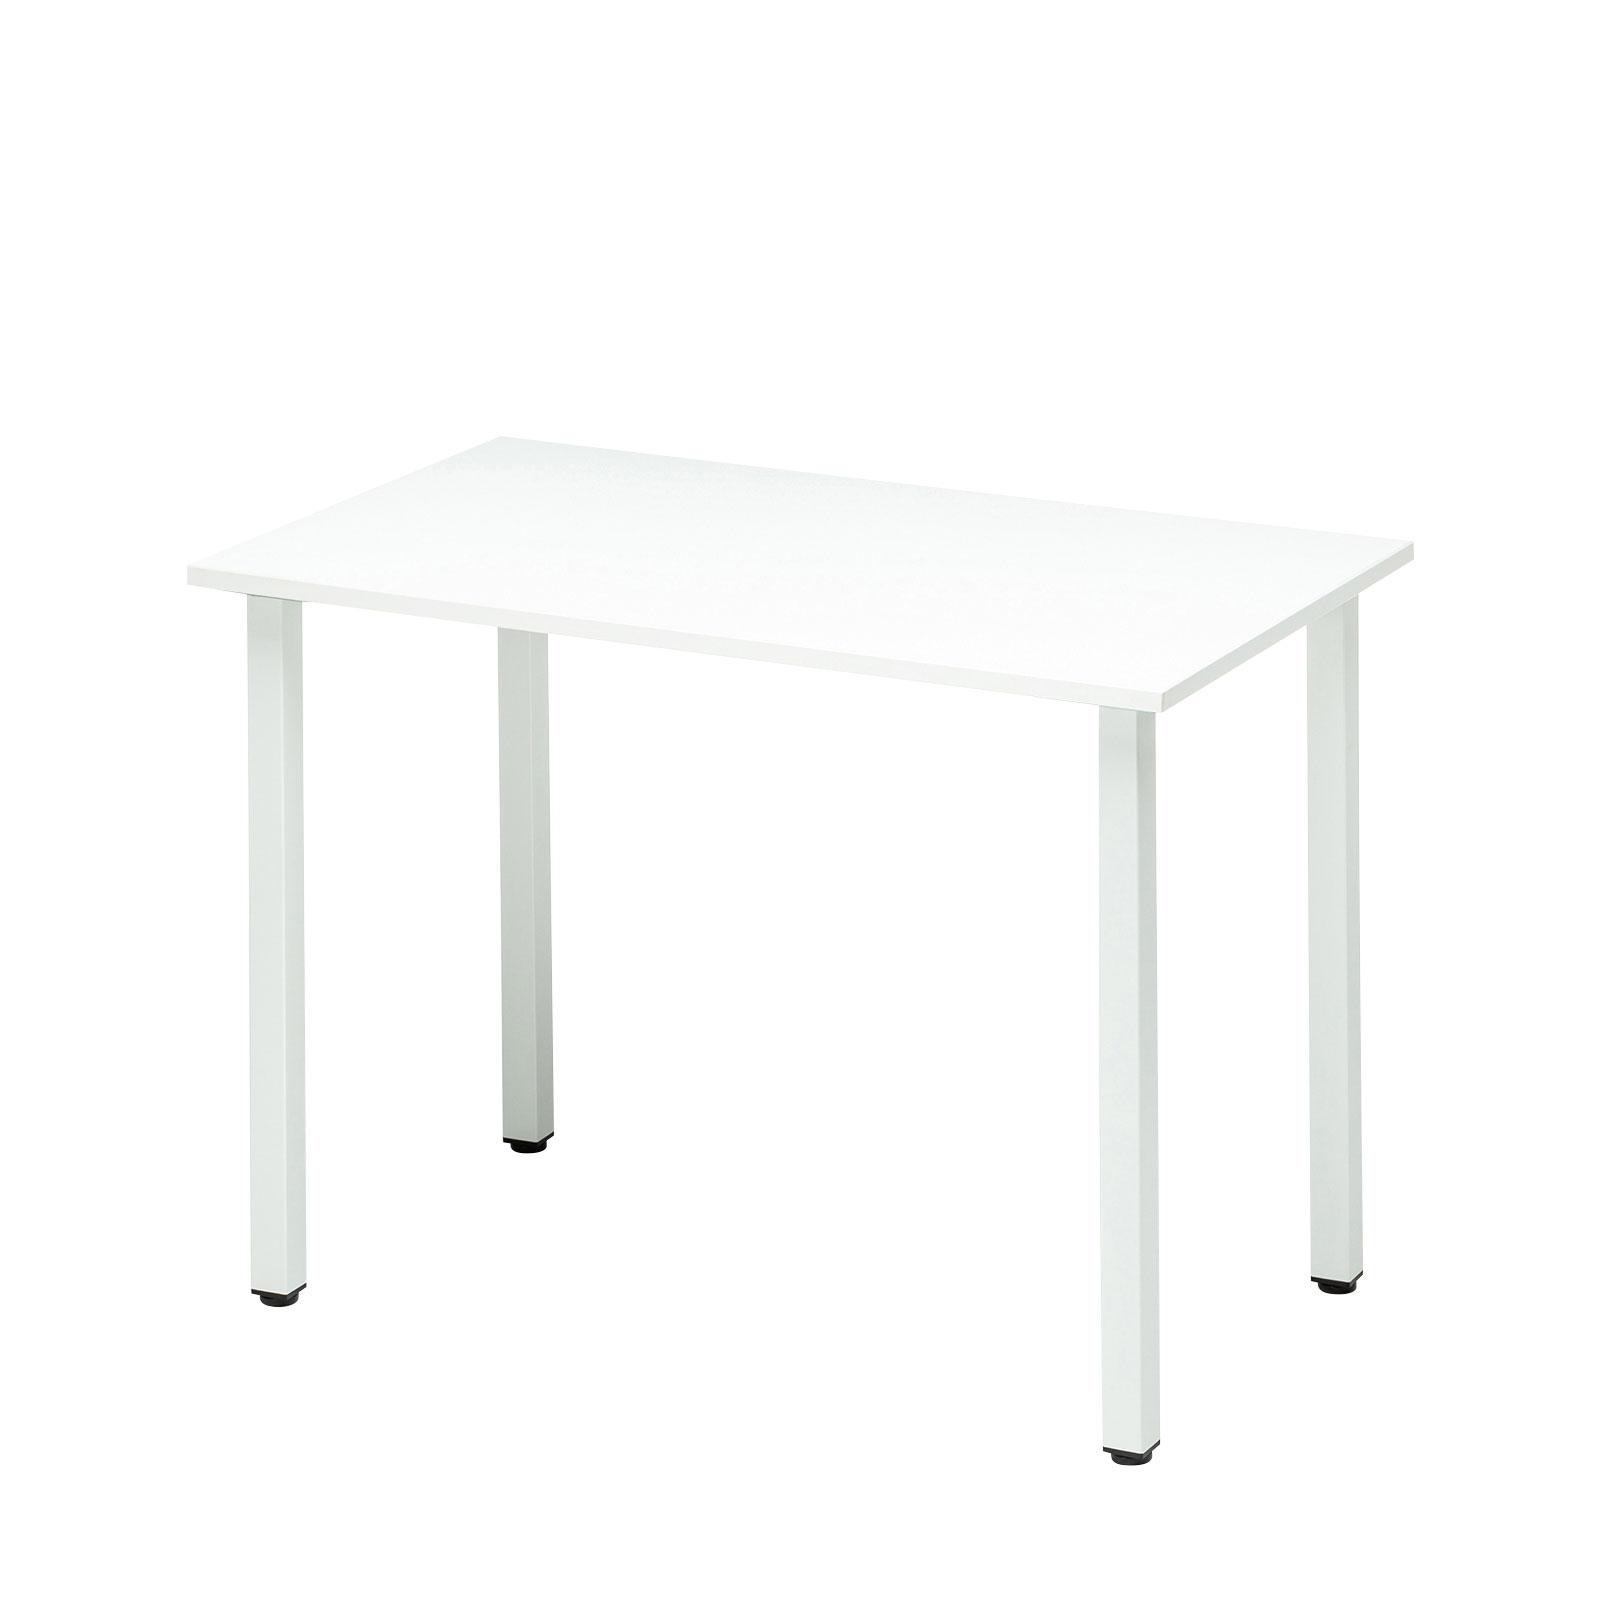 オフィスデスク・テーブル, オフィスワークテーブル  () MDE-10060W